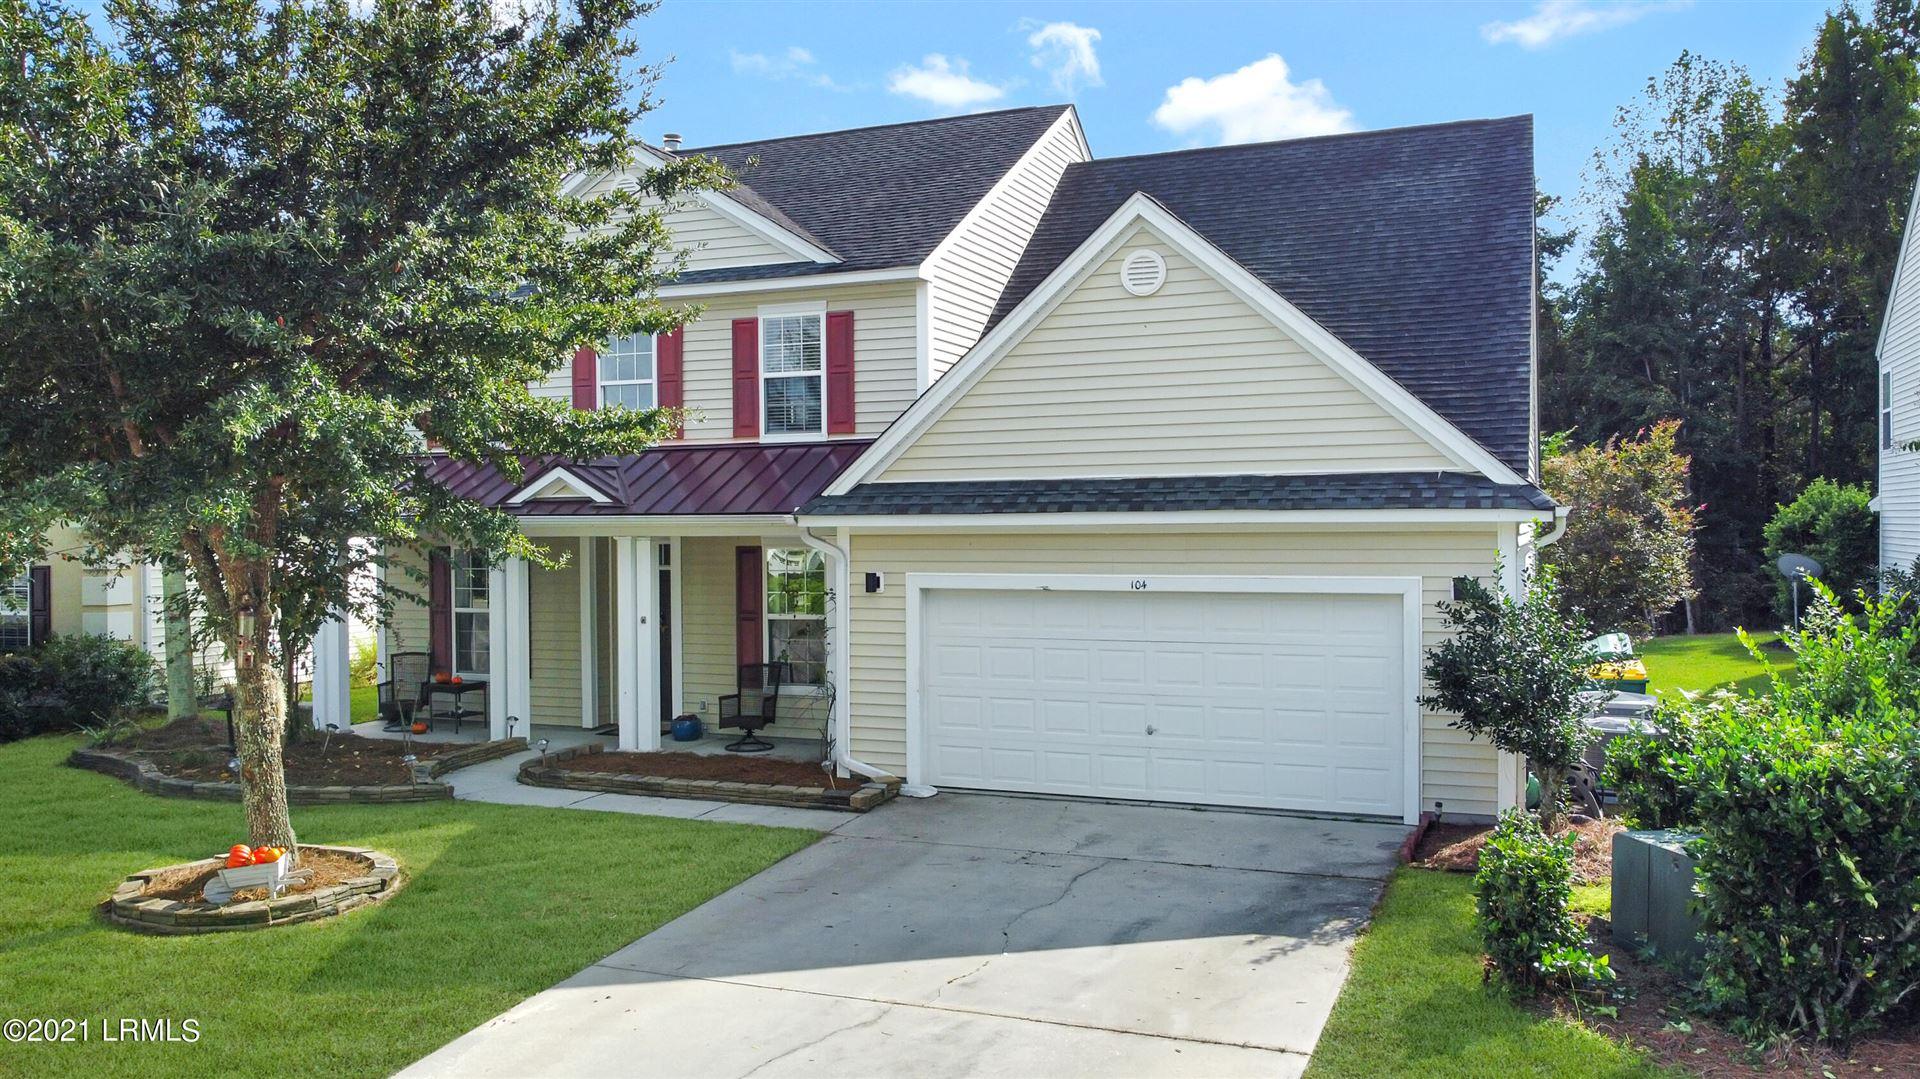 104 Pickett Creek Lane, Bluffton, SC 29909 - MLS#: 173302